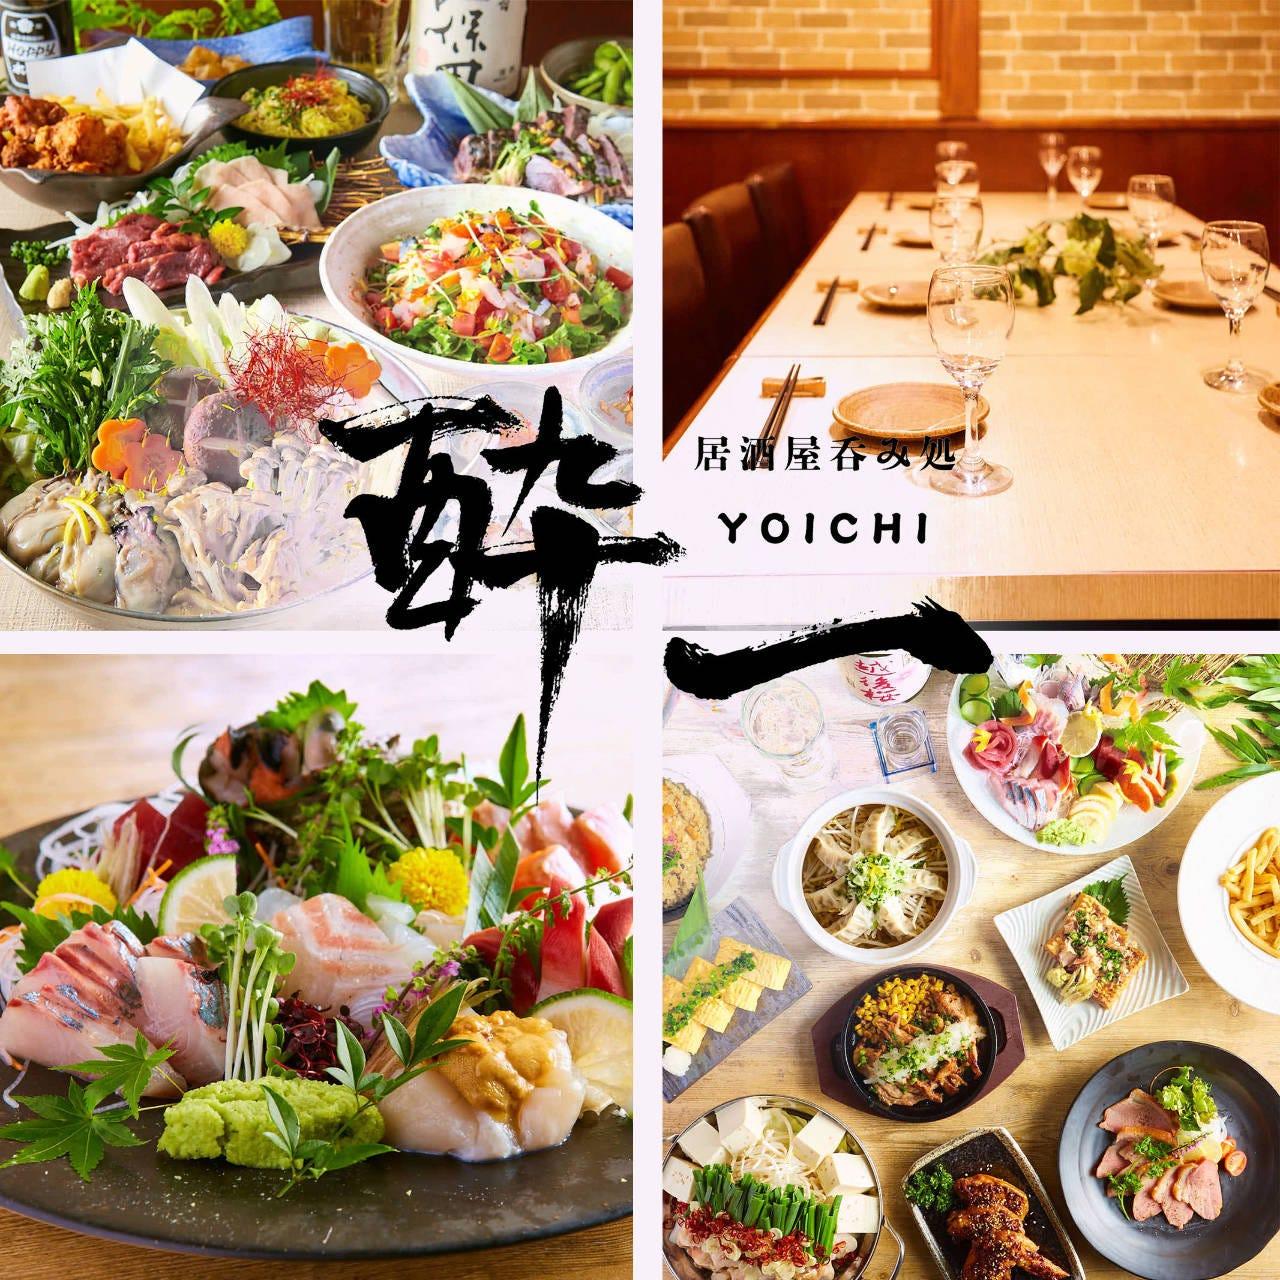 九州郷土料理と日本酒 酔一〜yoichi〜新小岩店